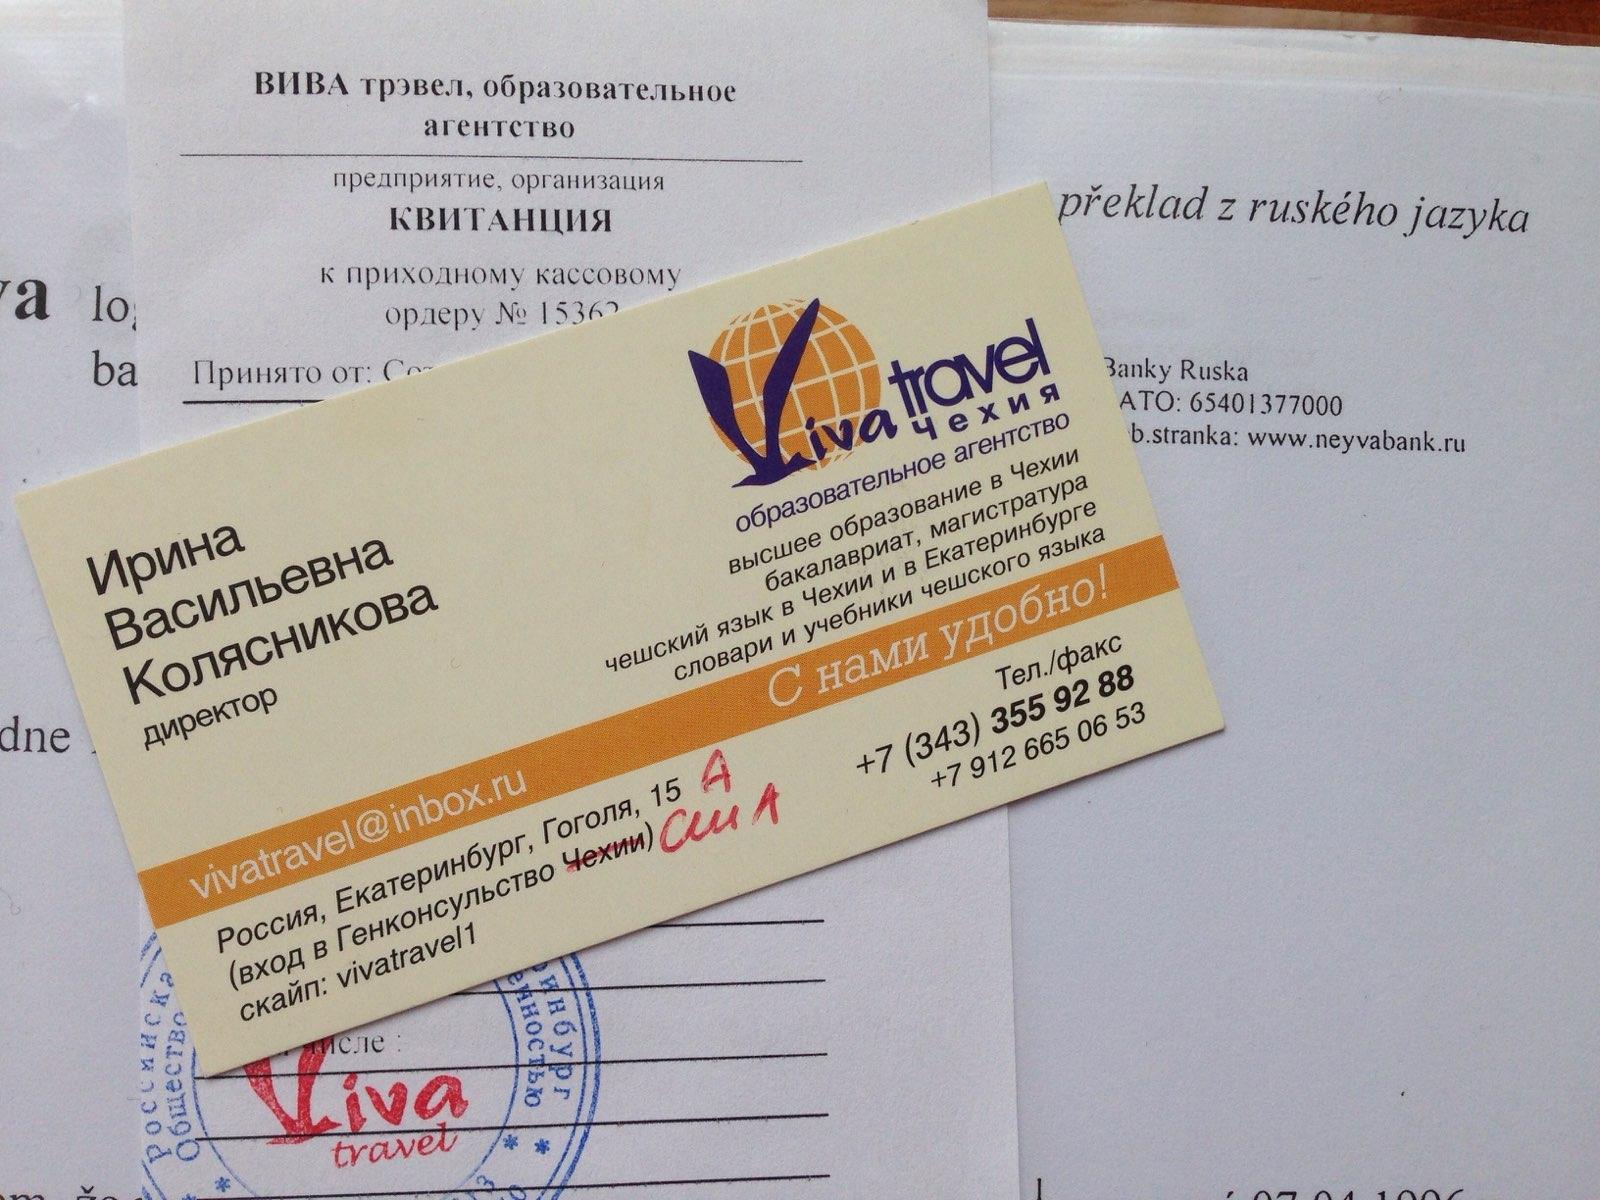 Шенгенскую визу в эстонию в екатеринбурге